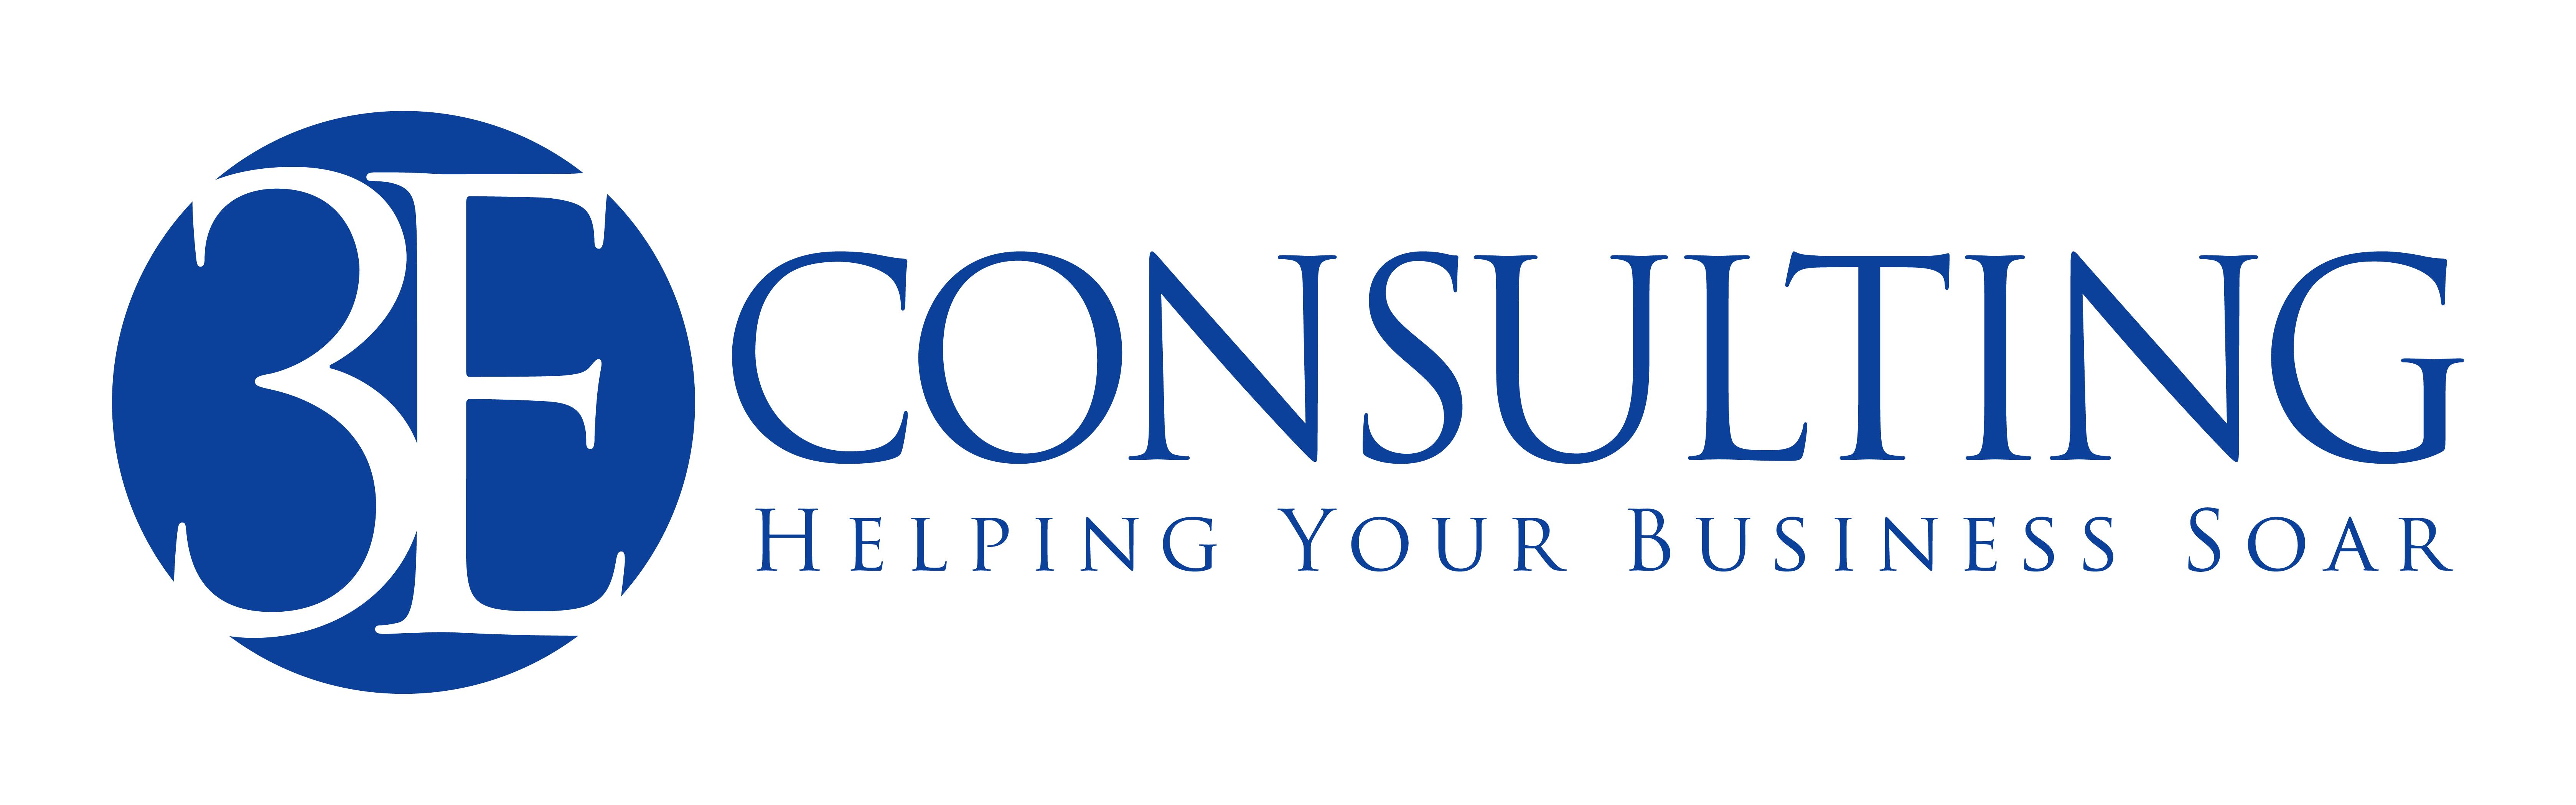 3E Consulting